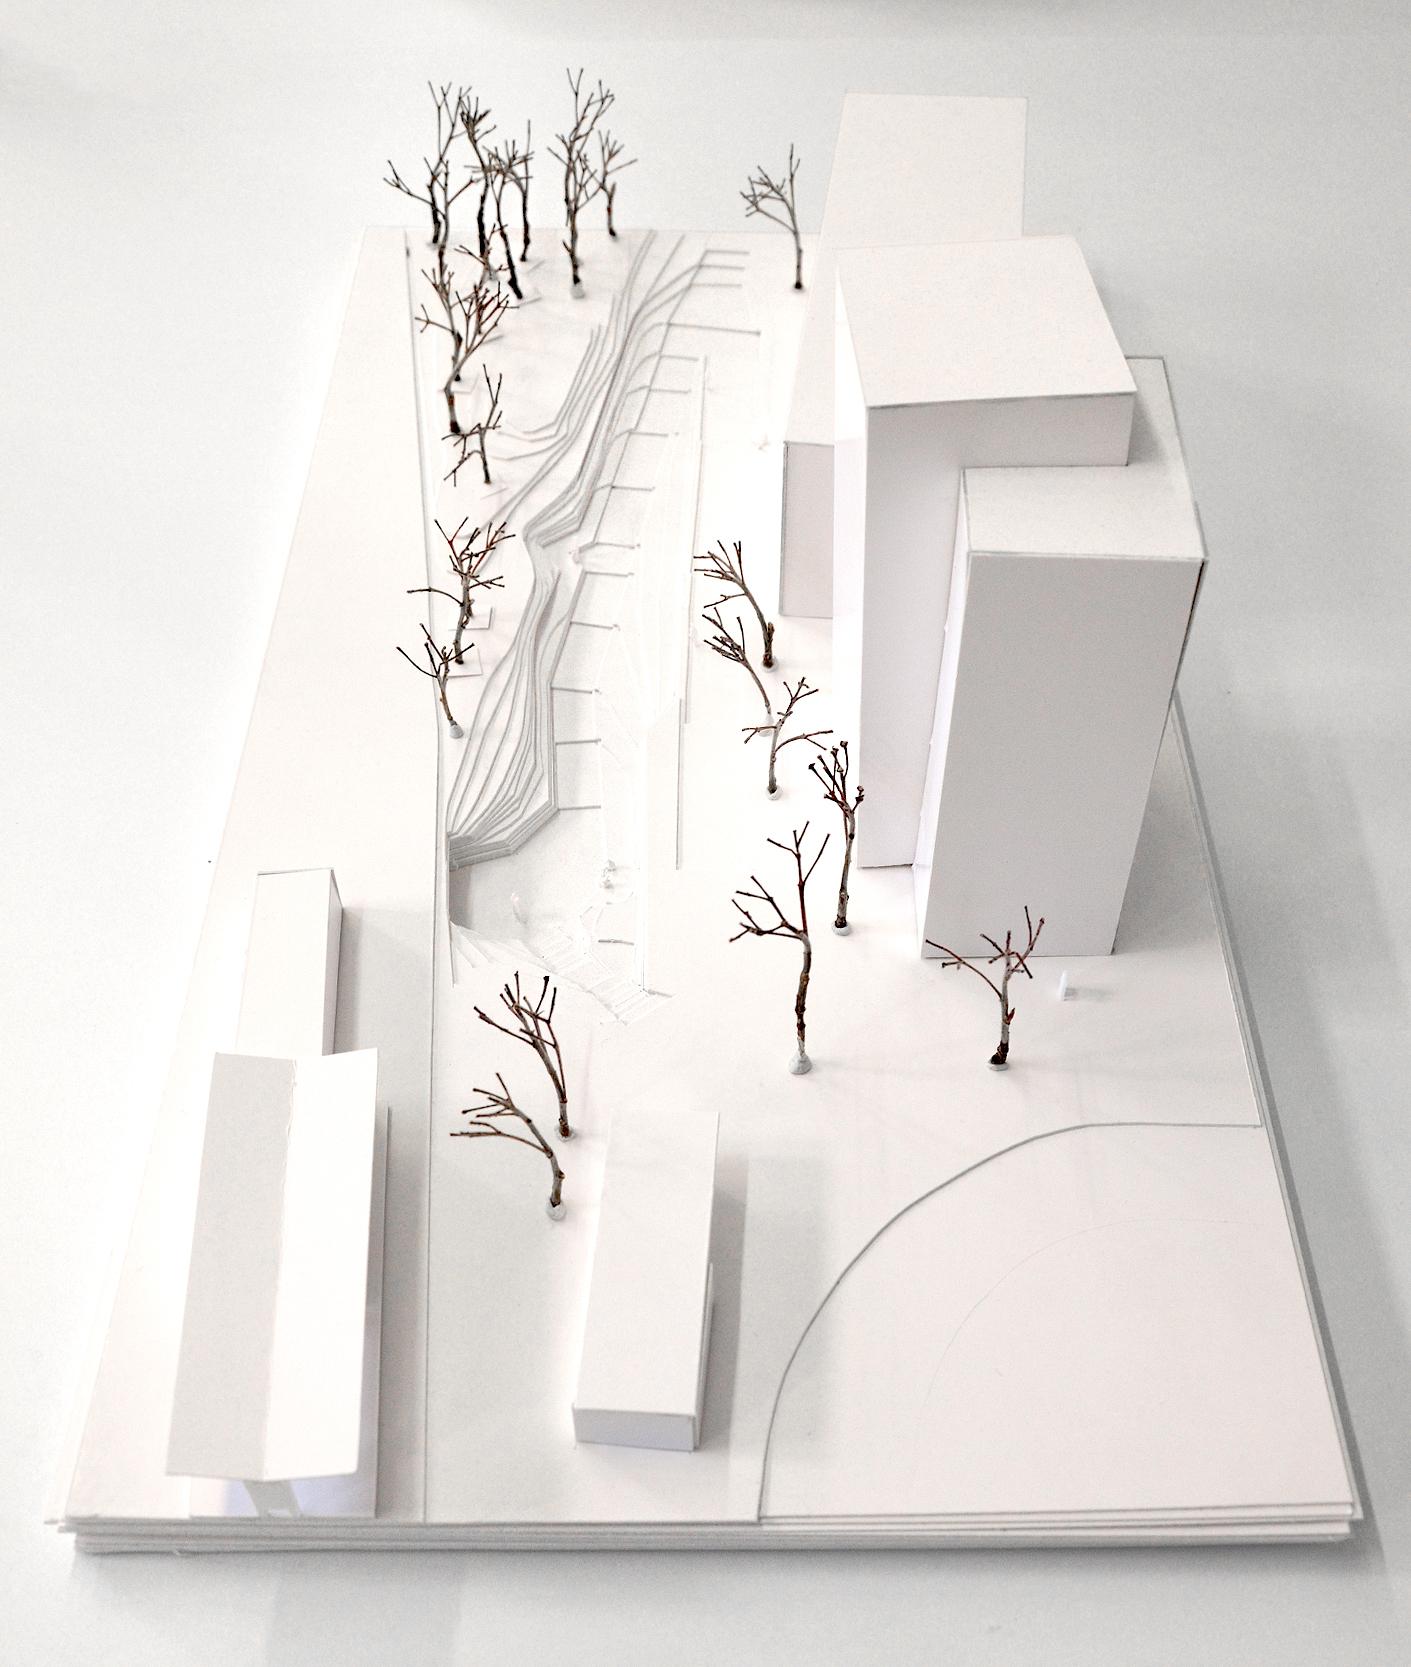 Hökarängen_modell_överblick_Land_Akriktektur